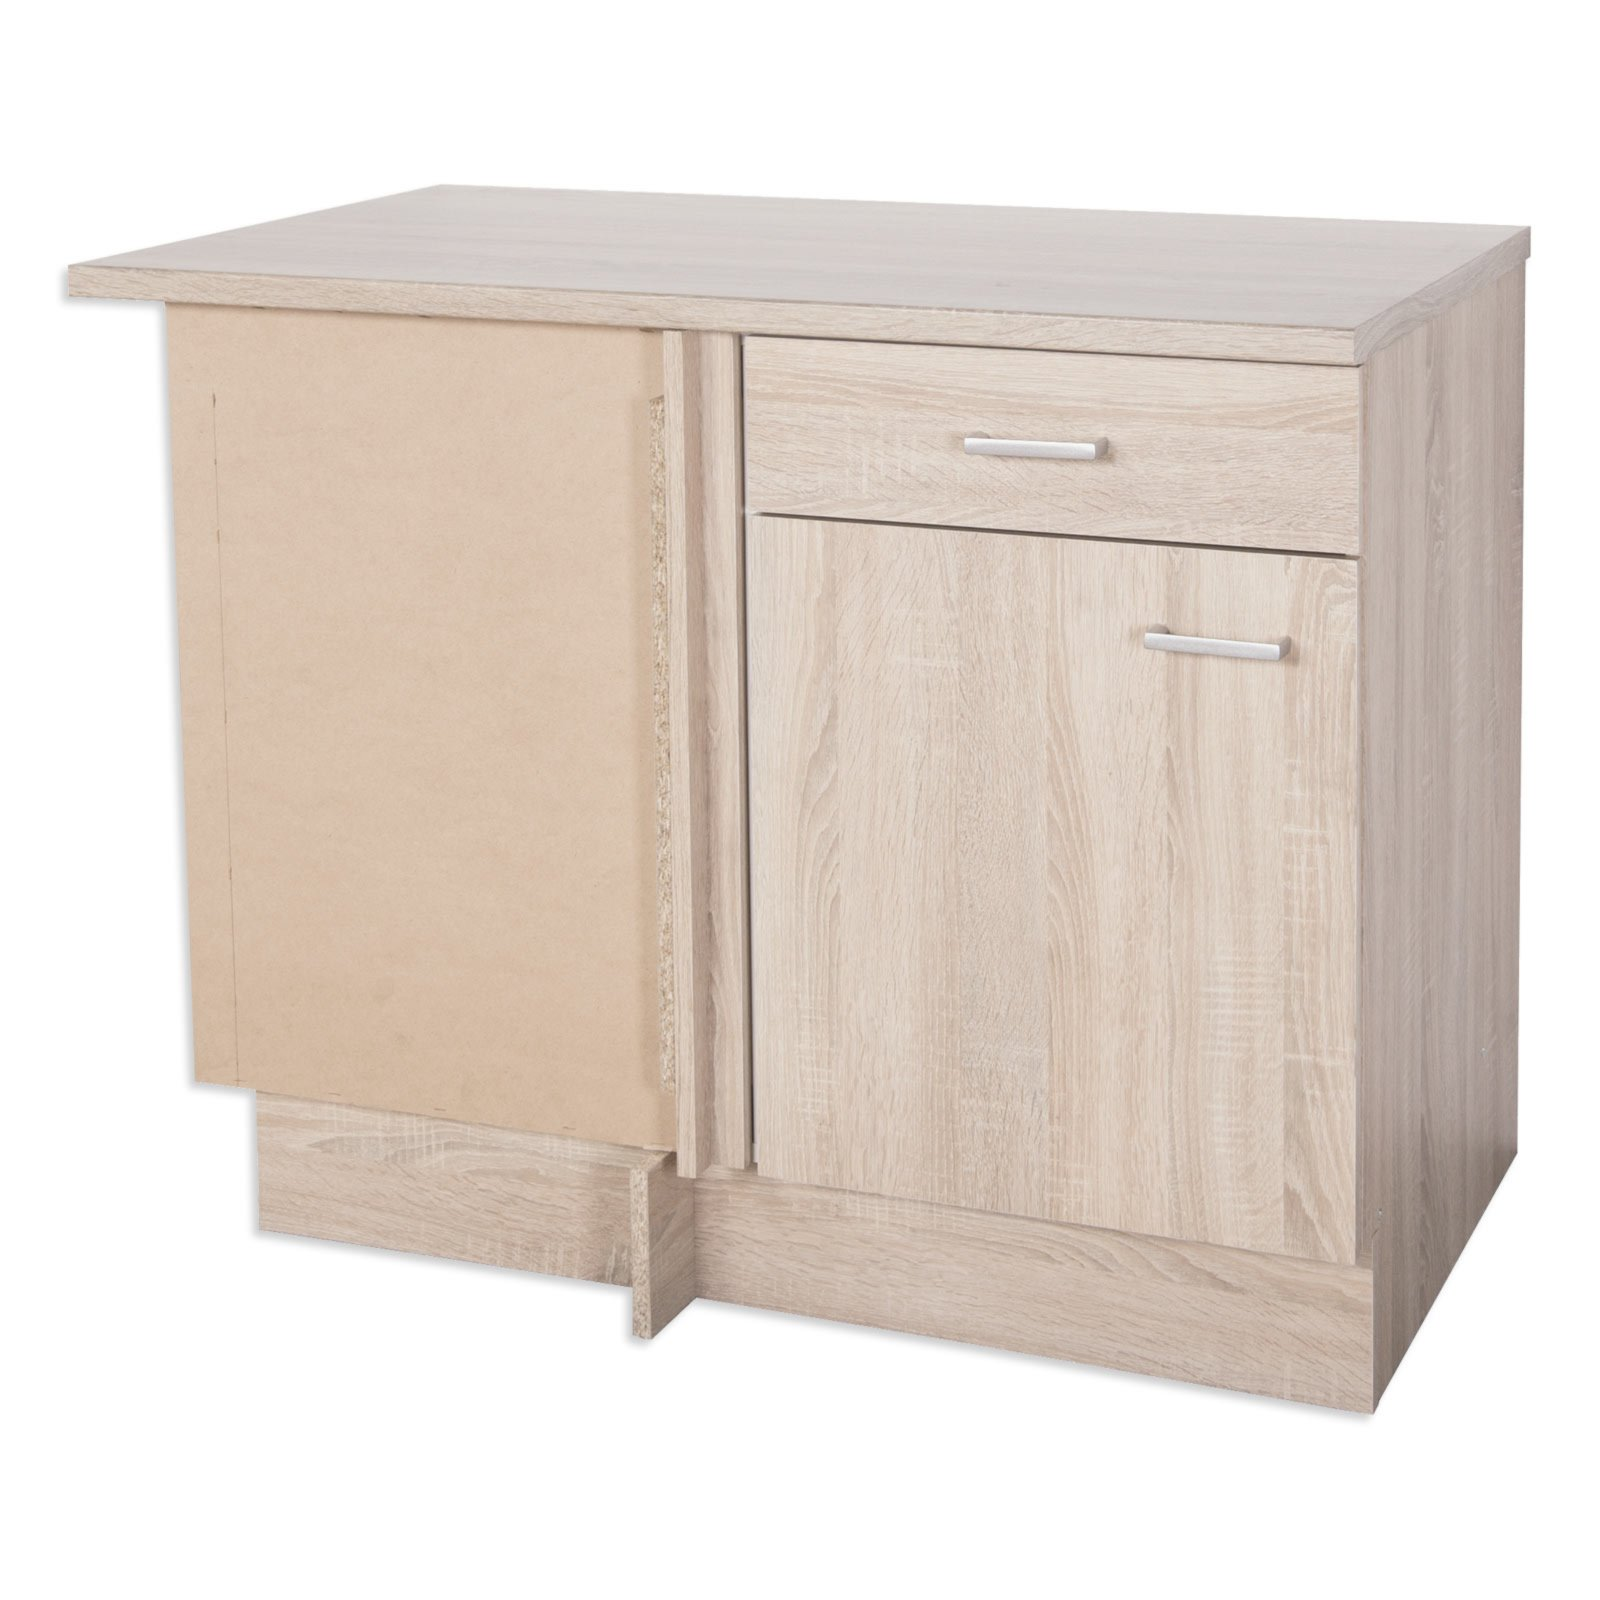 eck anrichte sinja sonoma eiche 110 cm eckschr nke einzelschr nke k chenschr nke. Black Bedroom Furniture Sets. Home Design Ideas